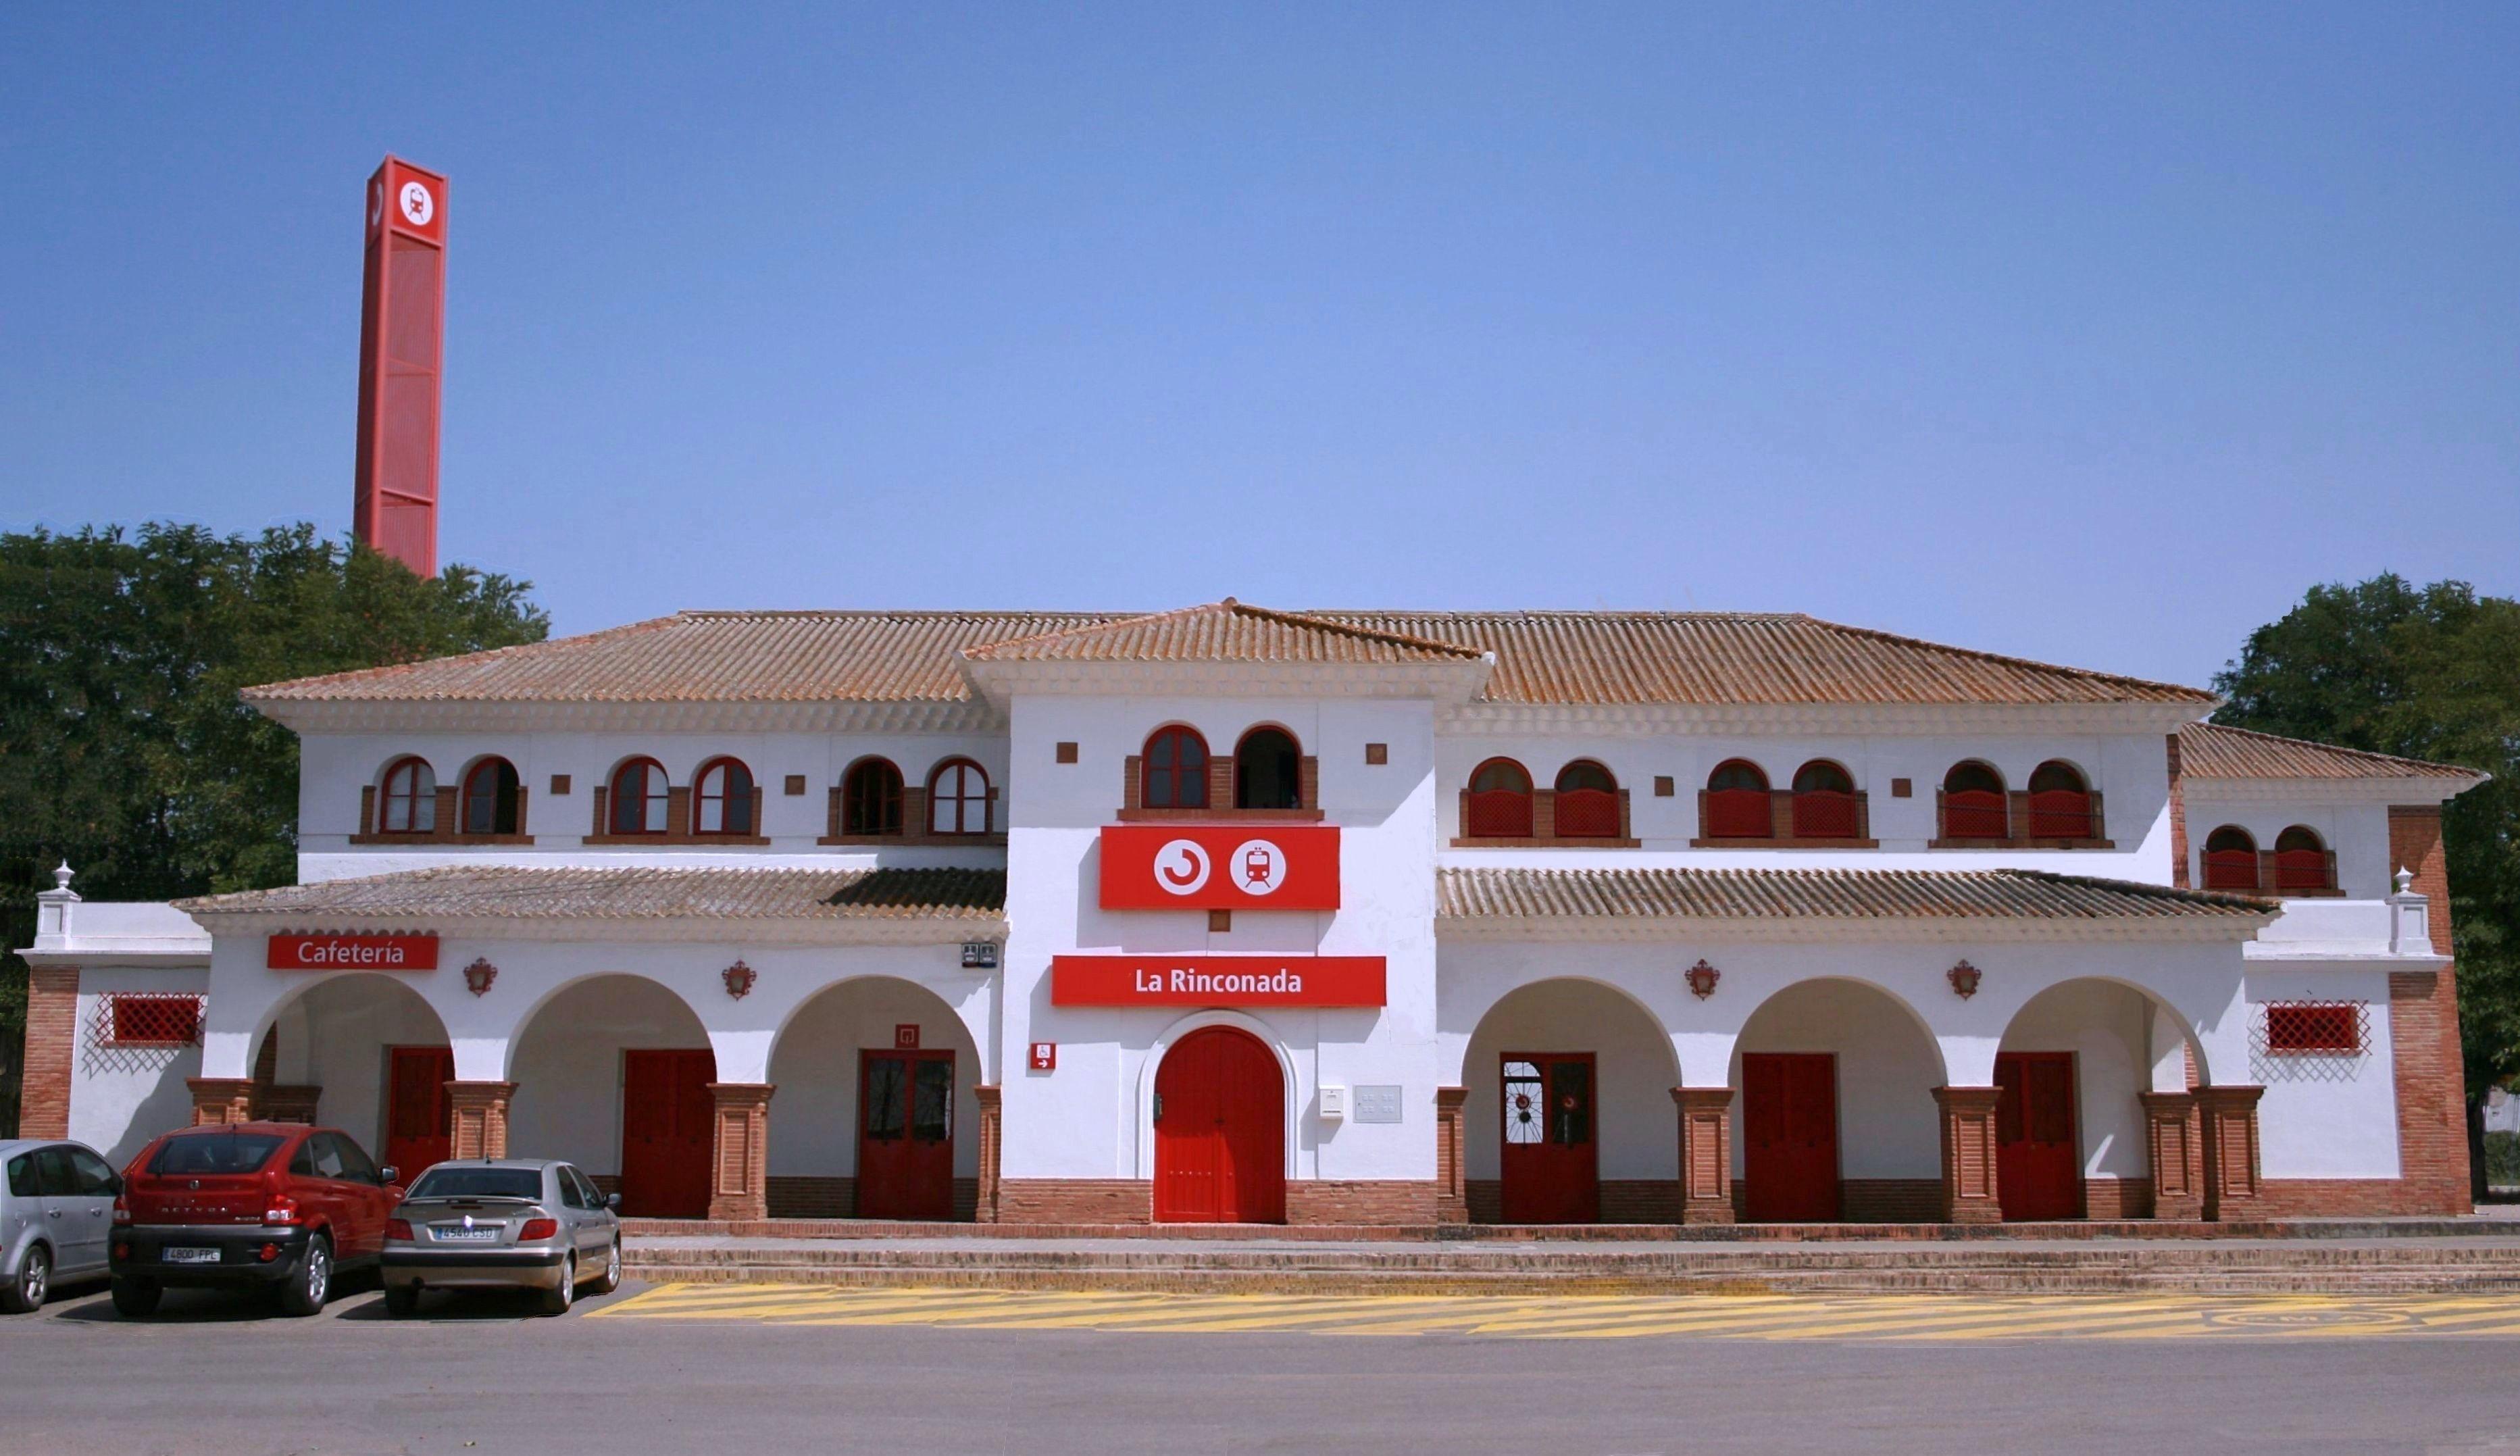 La Rinconada - Wikipedia